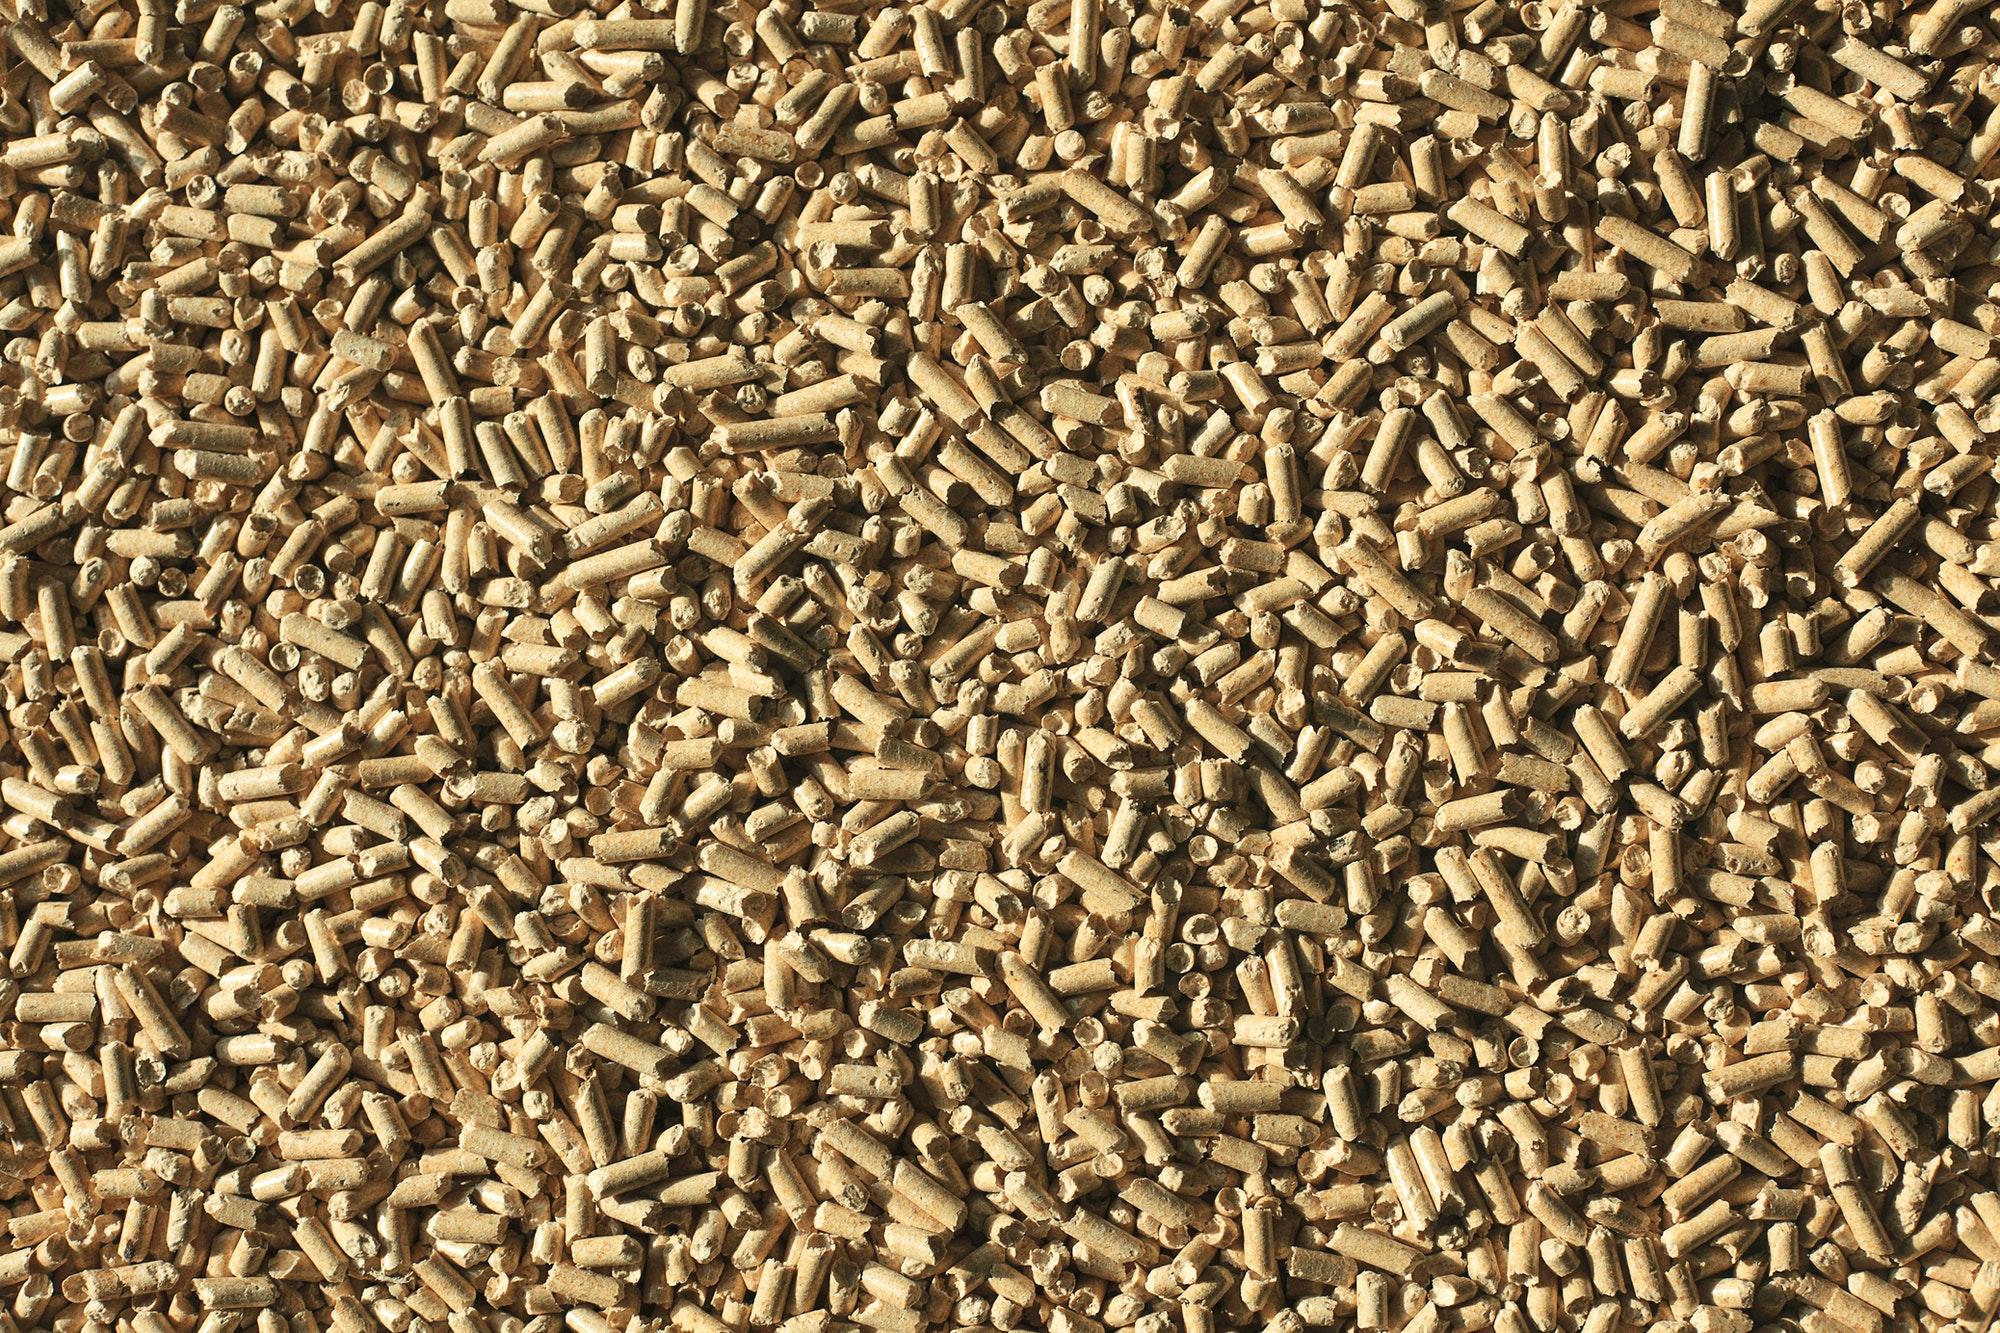 wooden pellets background